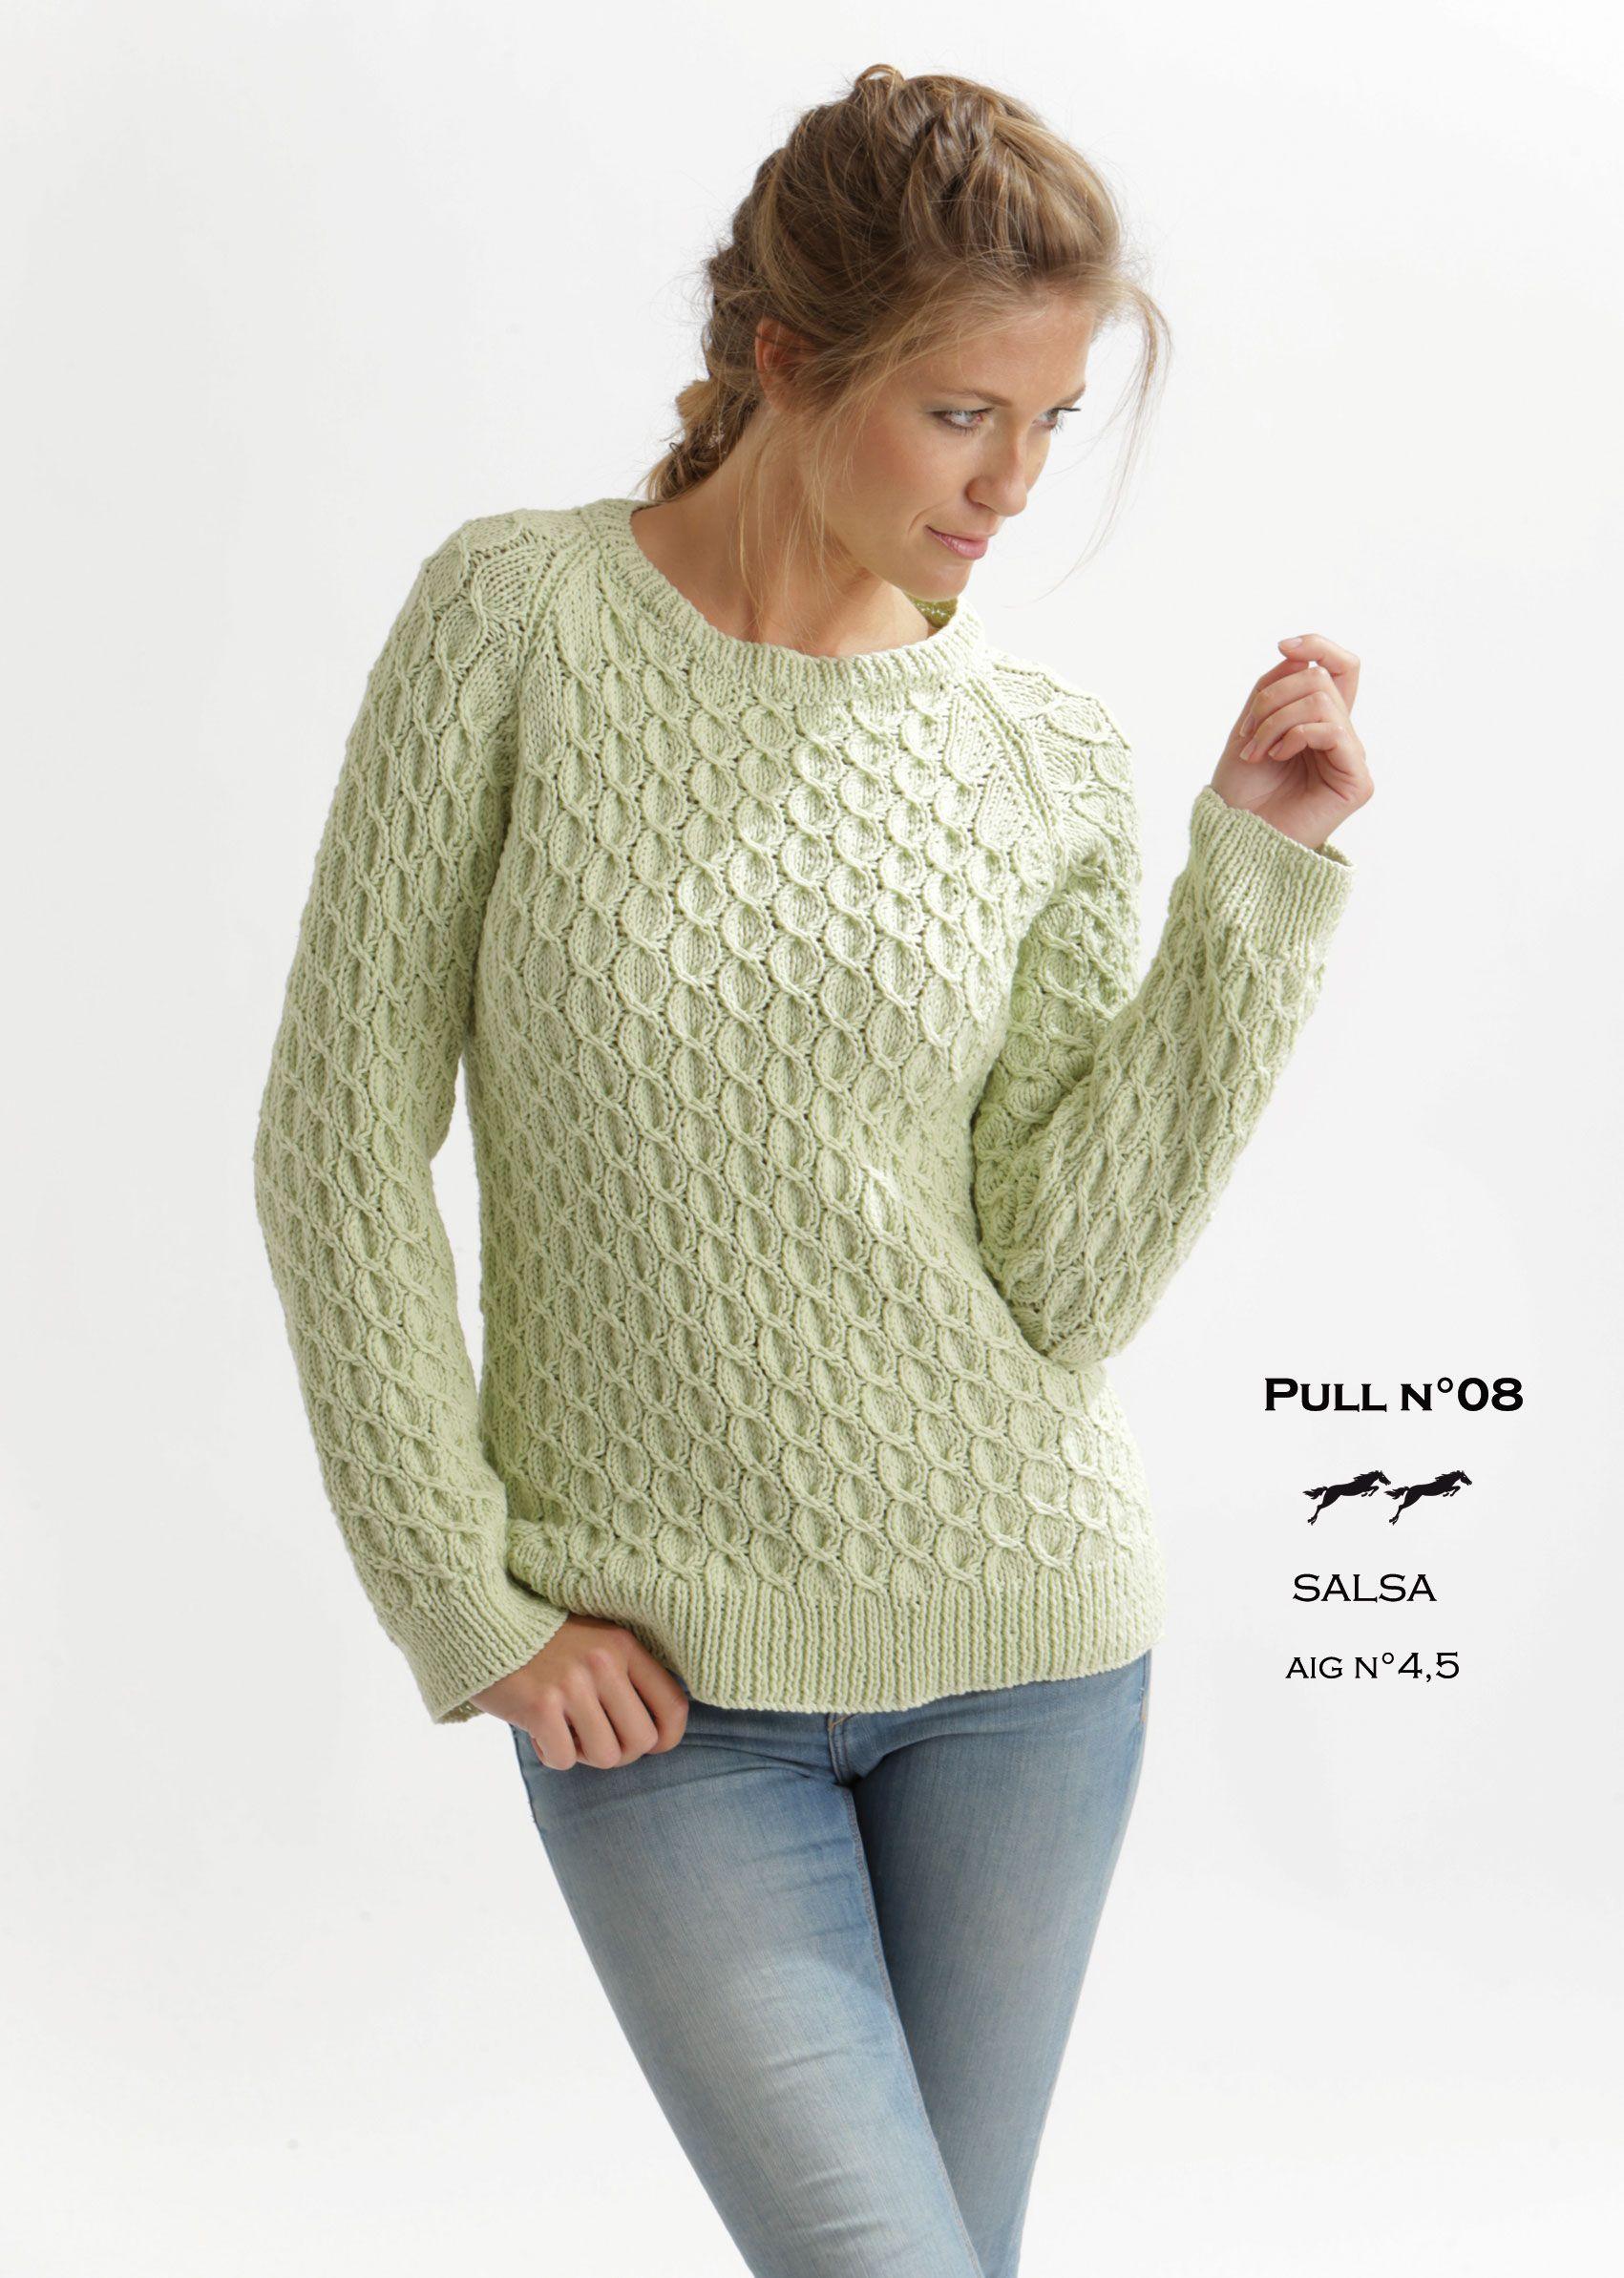 Modele de pull à tricoter gratuit